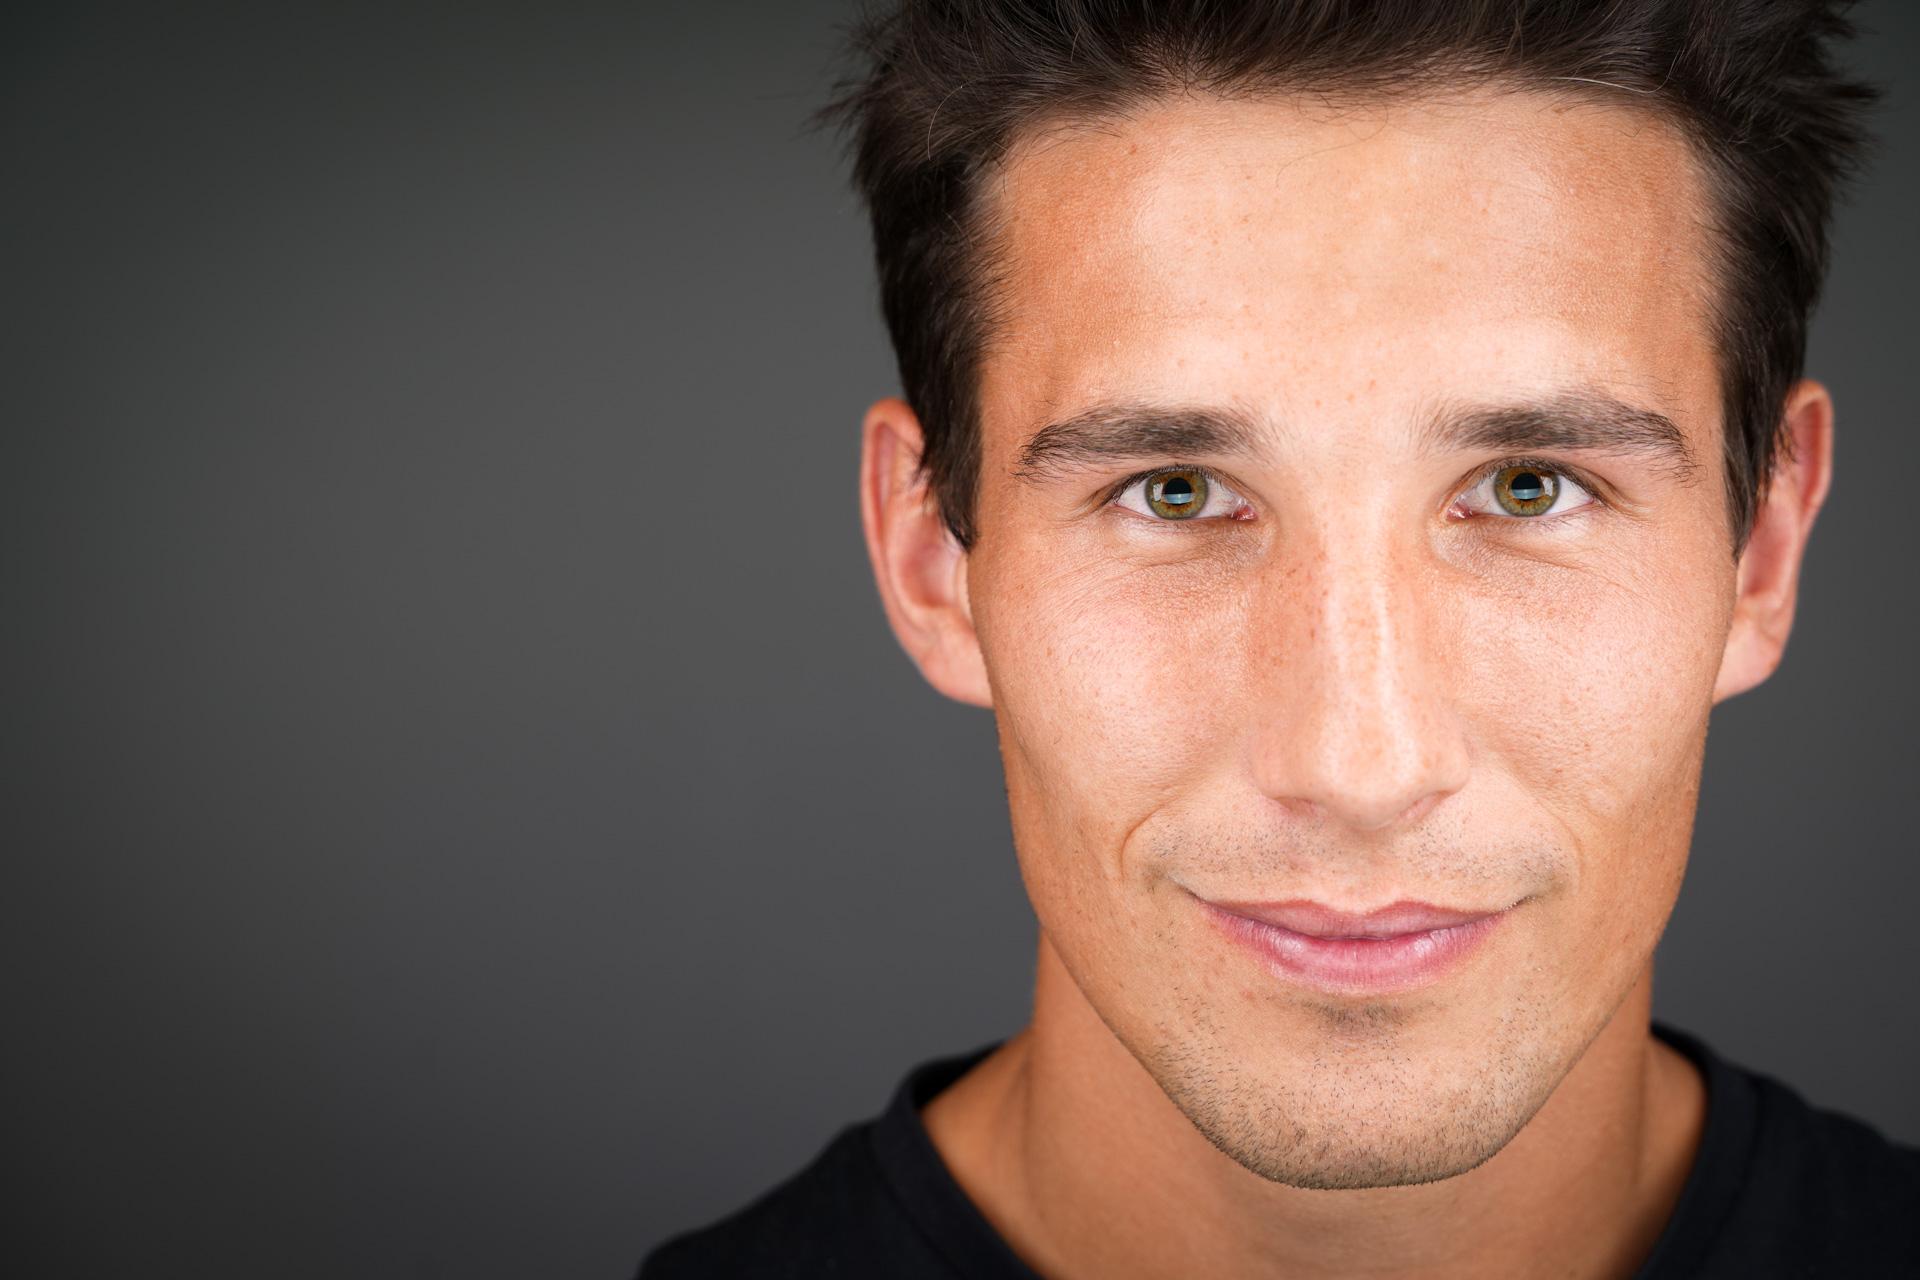 , Comment prendre une photo de profil réussie ? 8 astuces clés, Gabriel GORGI, Gabriel GORGI